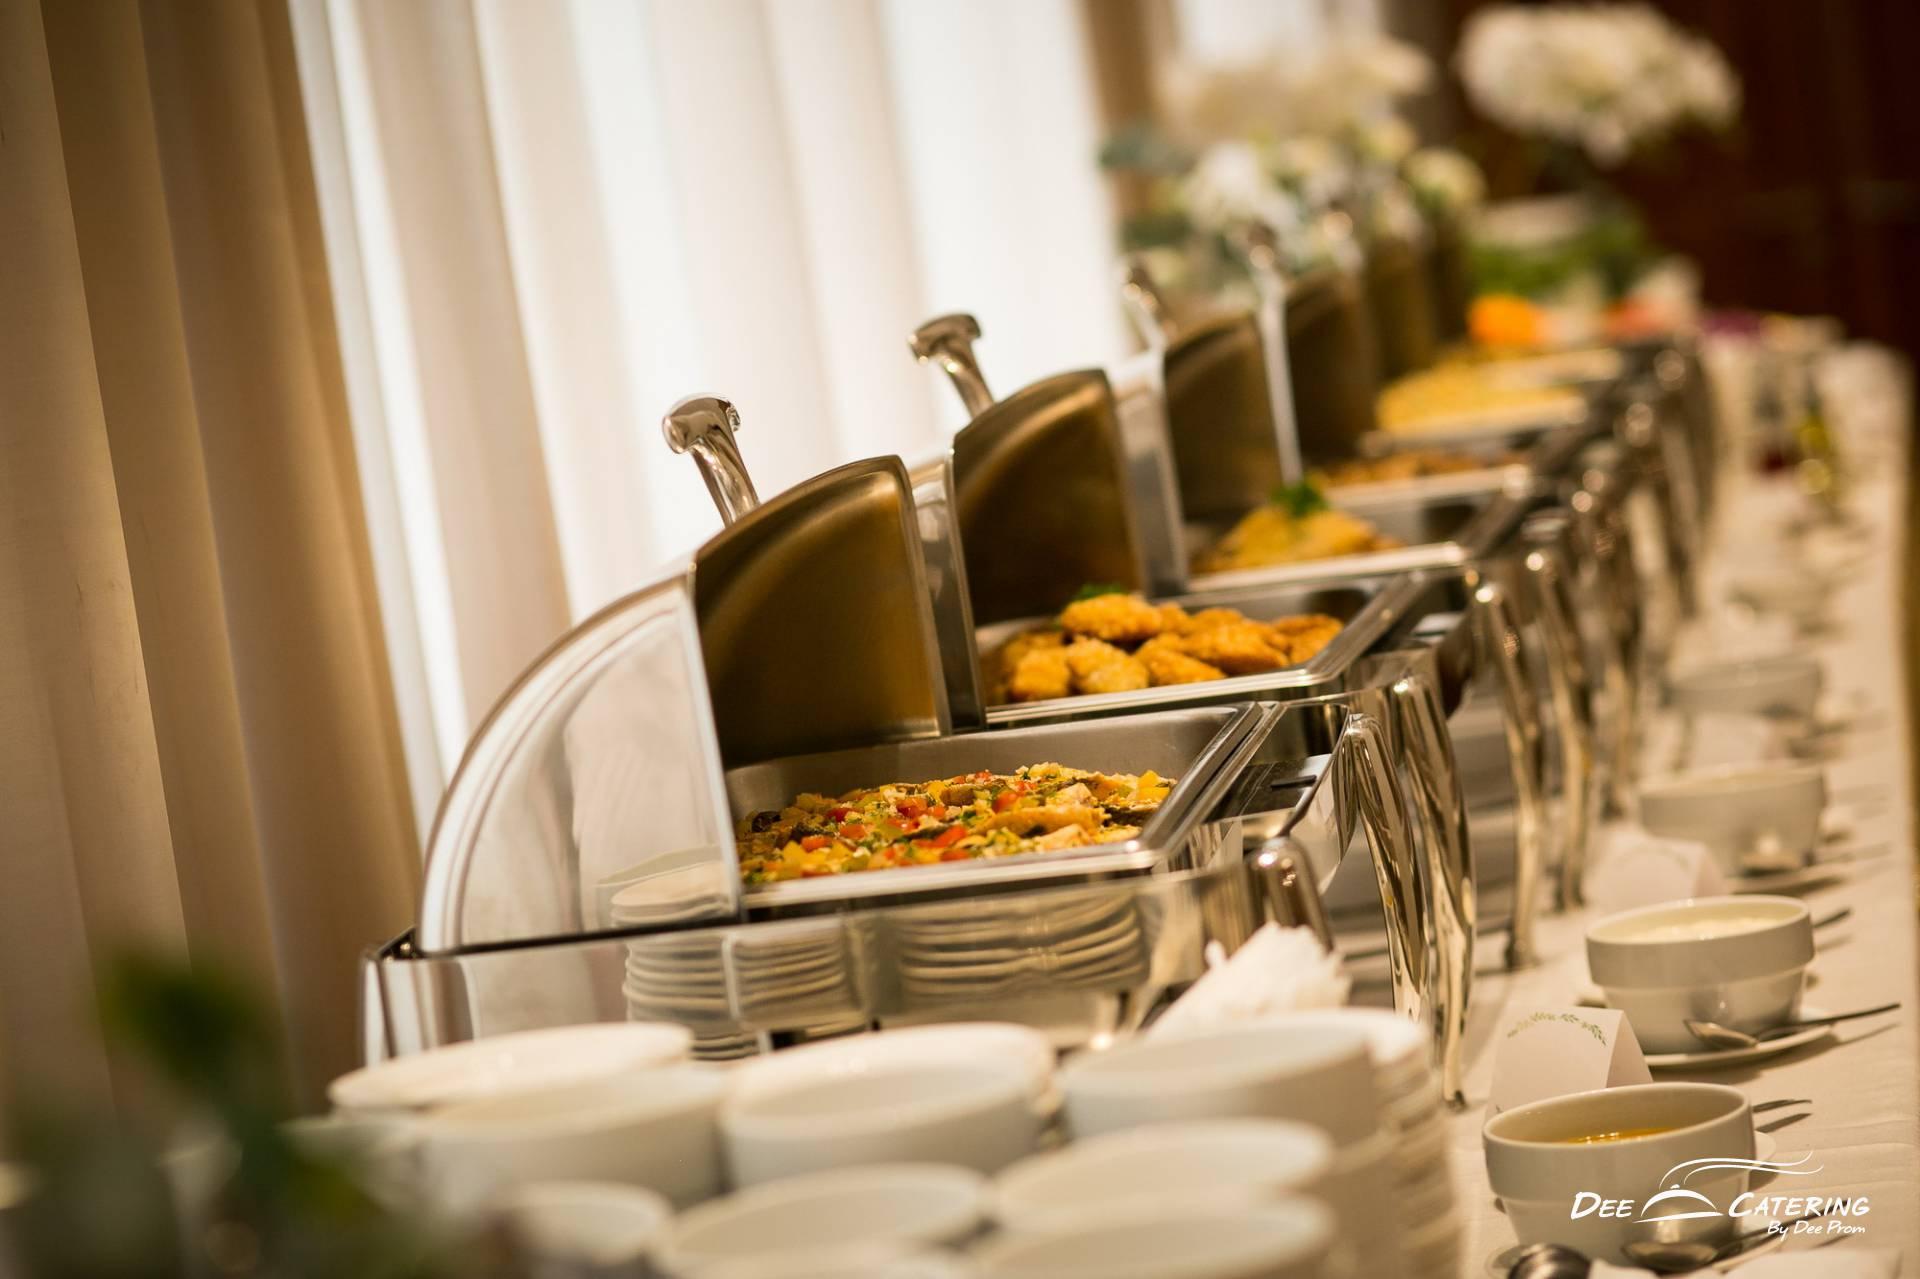 จัดเลี้ยงงานแต่งงาน จัดประชุมสัมมนา จัดงานเลี้ยง ที่ ไปรณีย์กลาง บางรัก โดย ดี เคเทอริ่ง